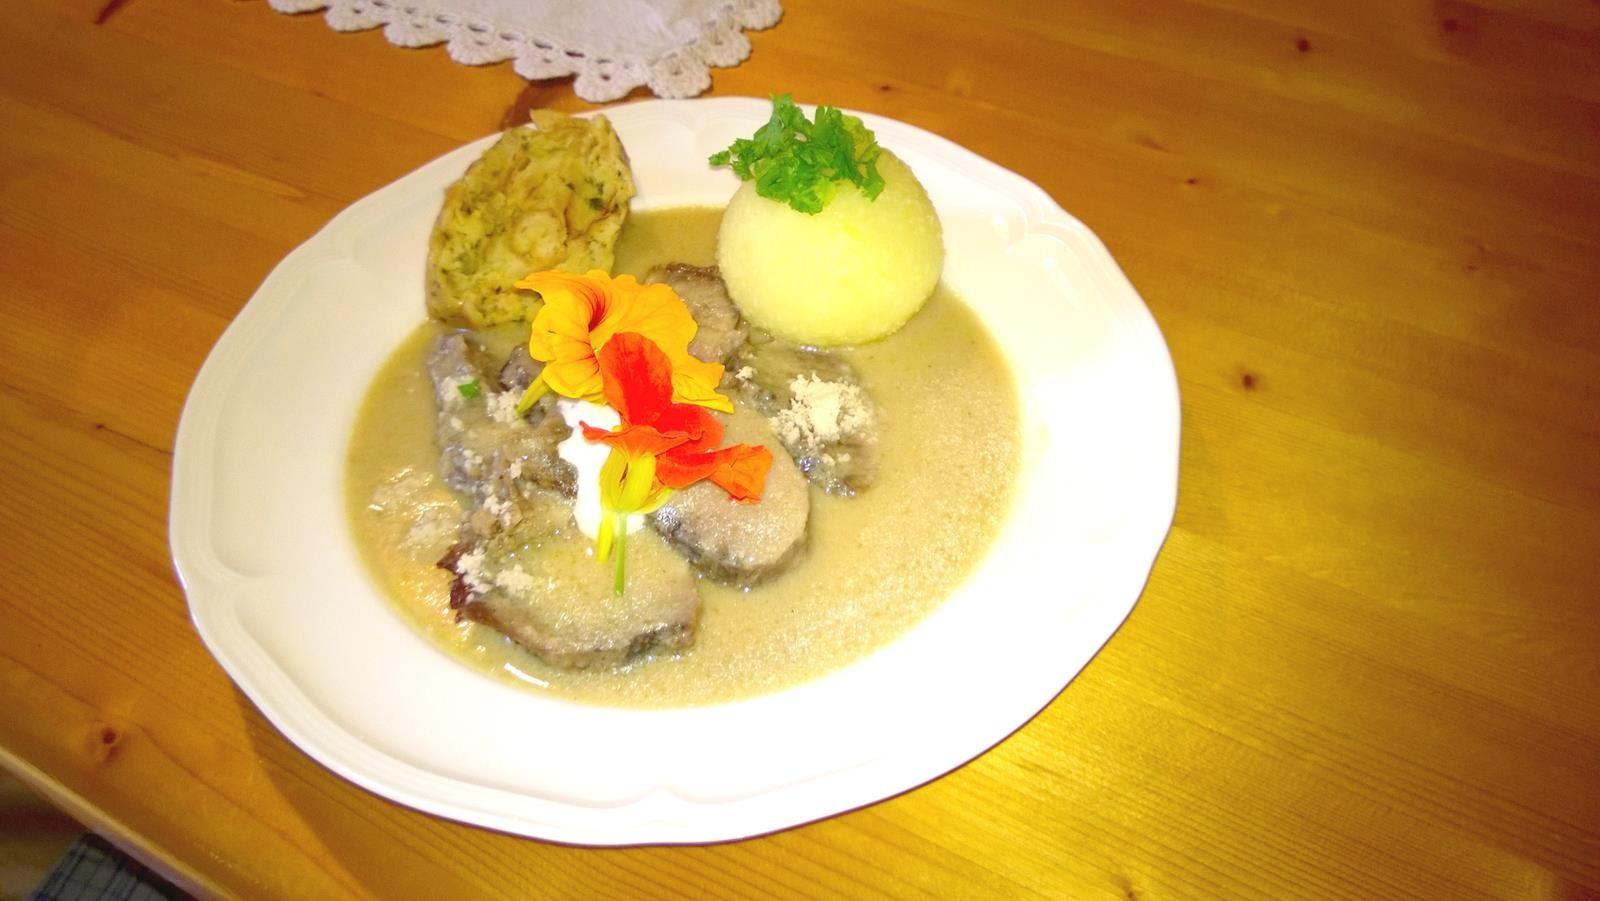 Krehenfleisch mit frisch geriebenem Meerrettich und Klöß'